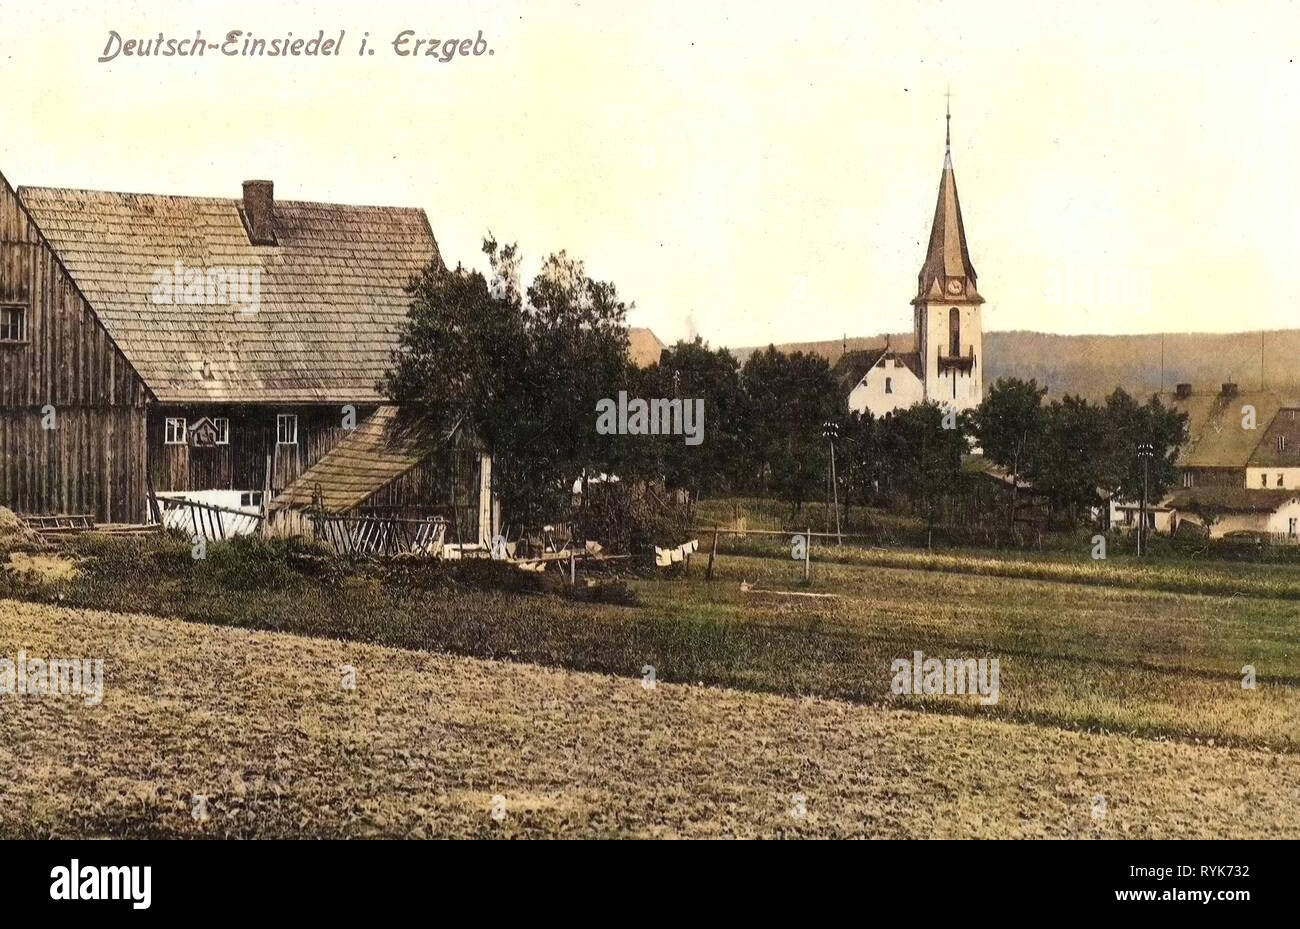 Edificios en Deutscheinsiedel Erzgebirgskreis, 1919, Erzgebirgskreis, Deutsch, Einsiedel, Alemania Foto de stock